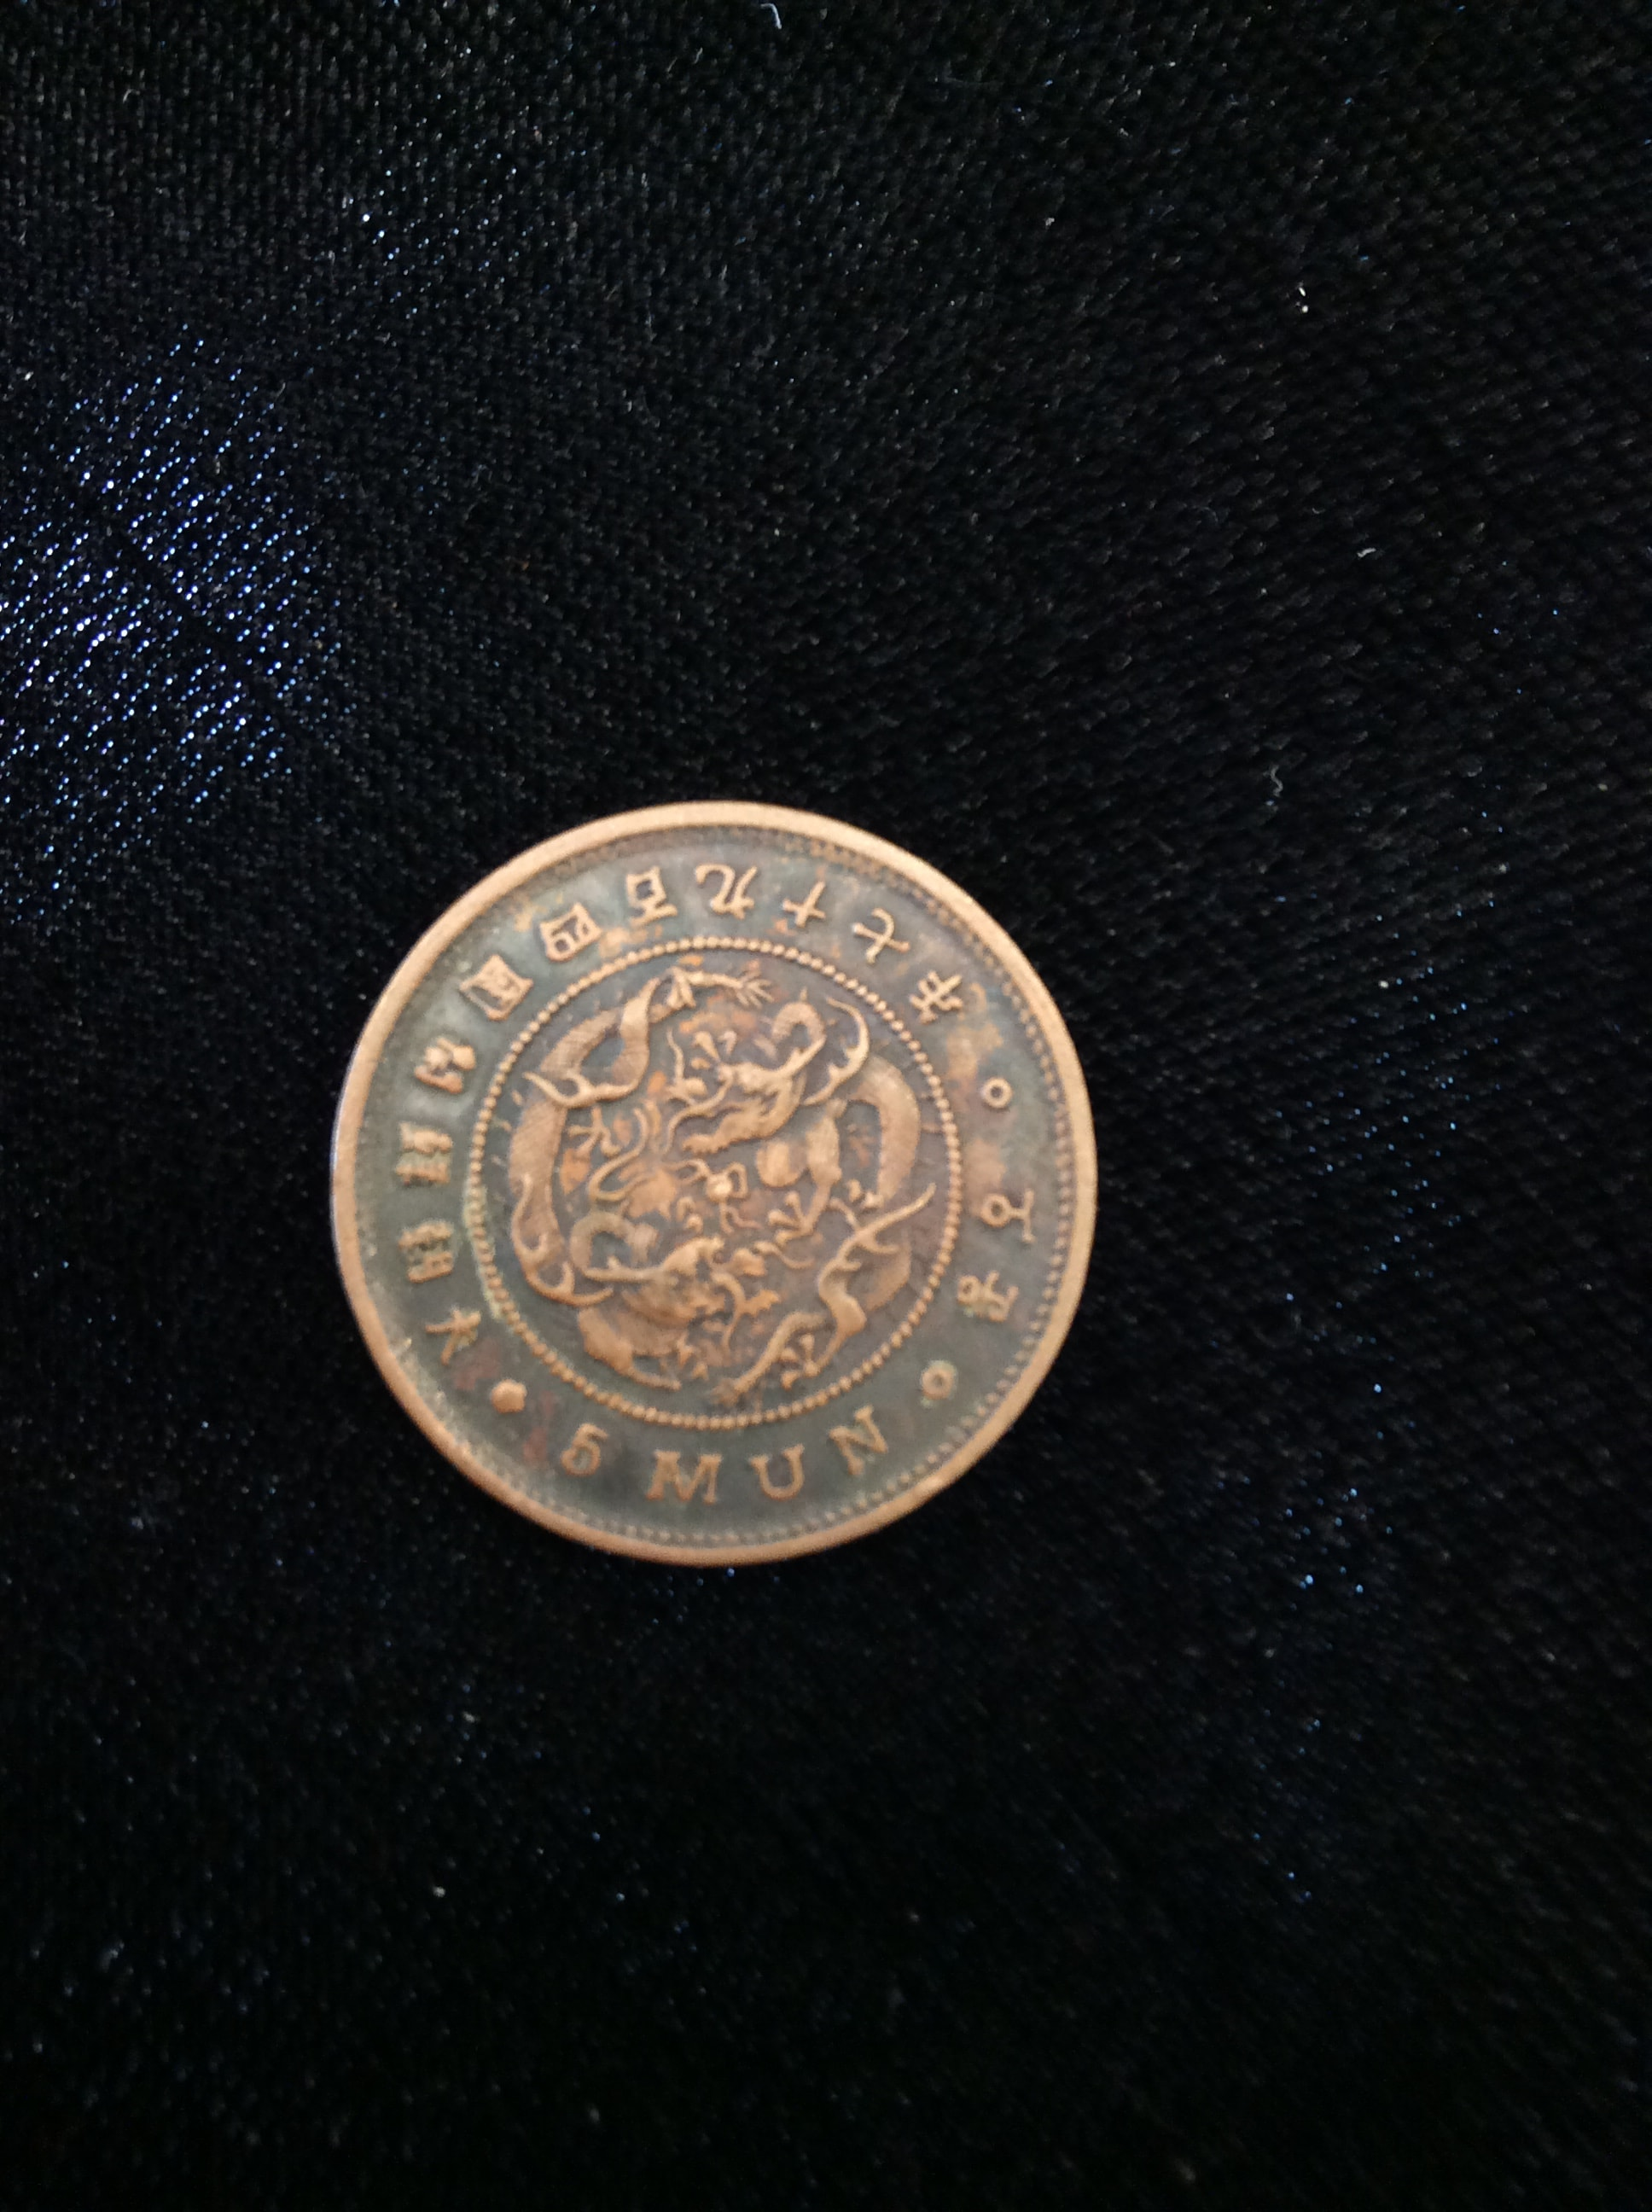 Double euro penetration